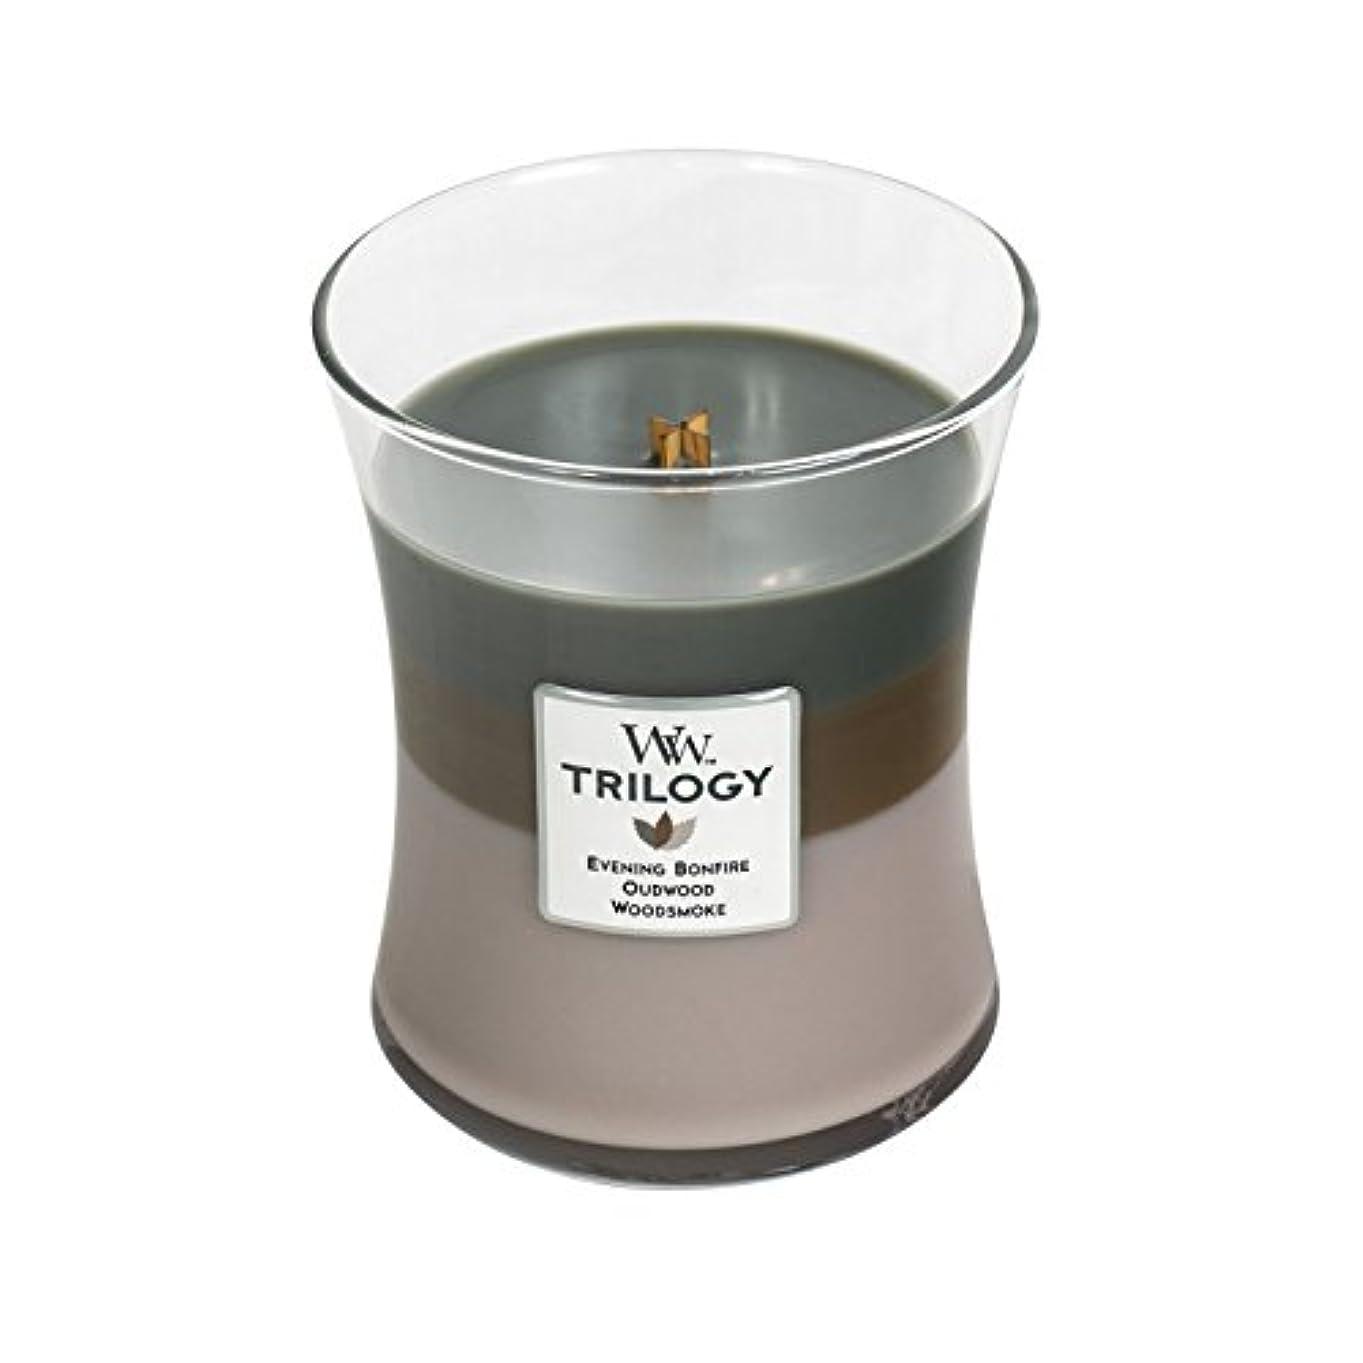 球体ライター外交官Woodwick Trilogy Cozy Cabin、3 - in - 1 Highly Scented Candle、クラシック砂時計Jar、Medium 4インチ、9.7 Oz